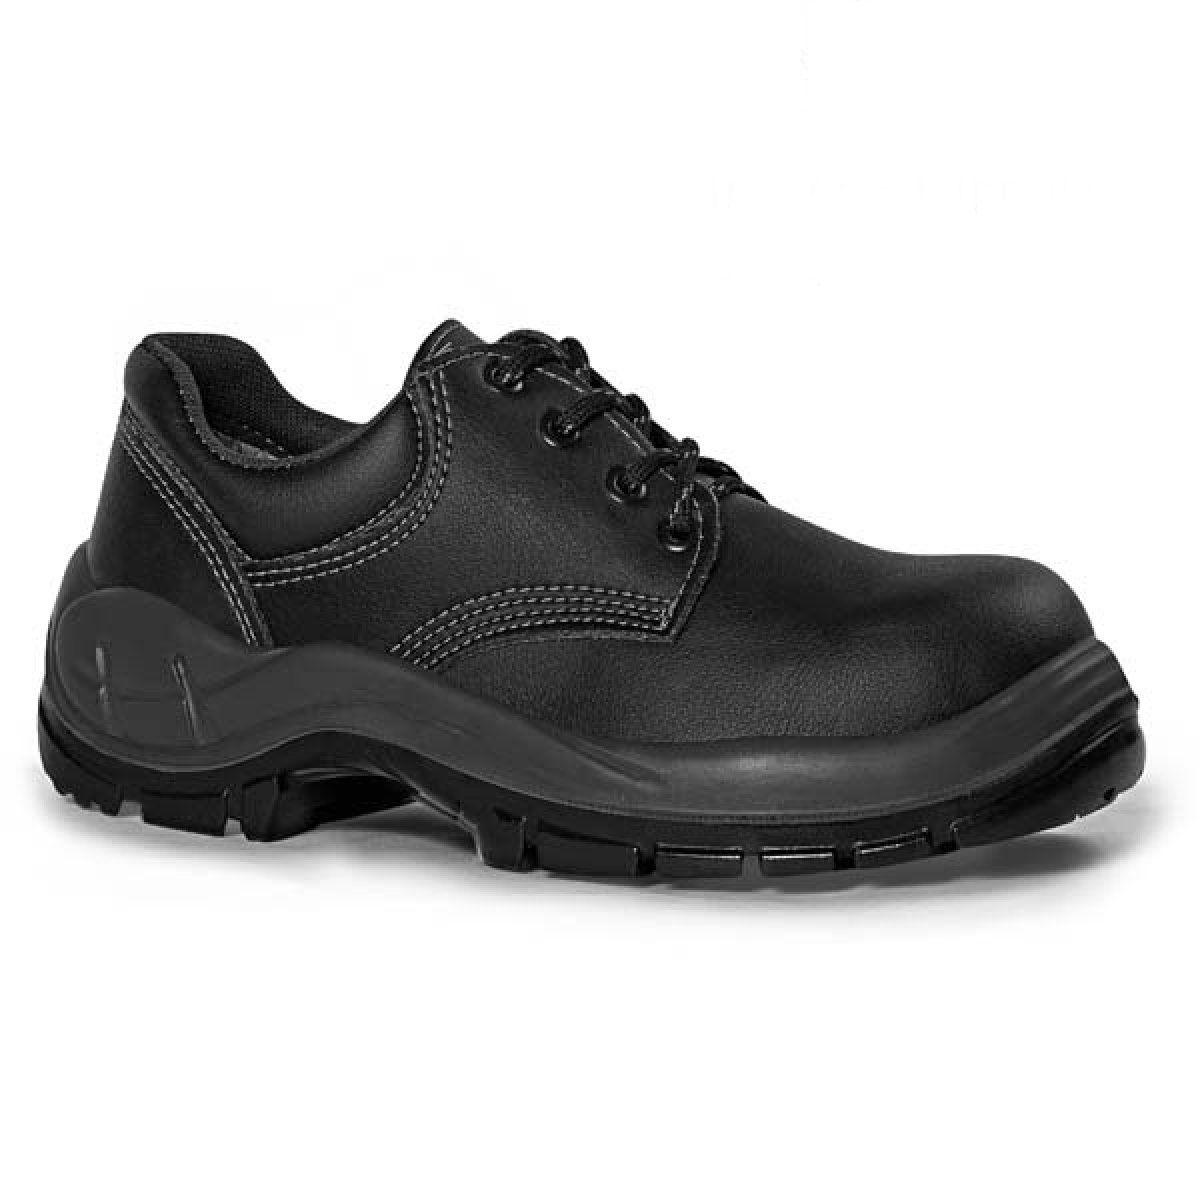 Sapato c/ Cadarço Bidensidade s/ Bico de Aço Preto N°38 - BRACOL